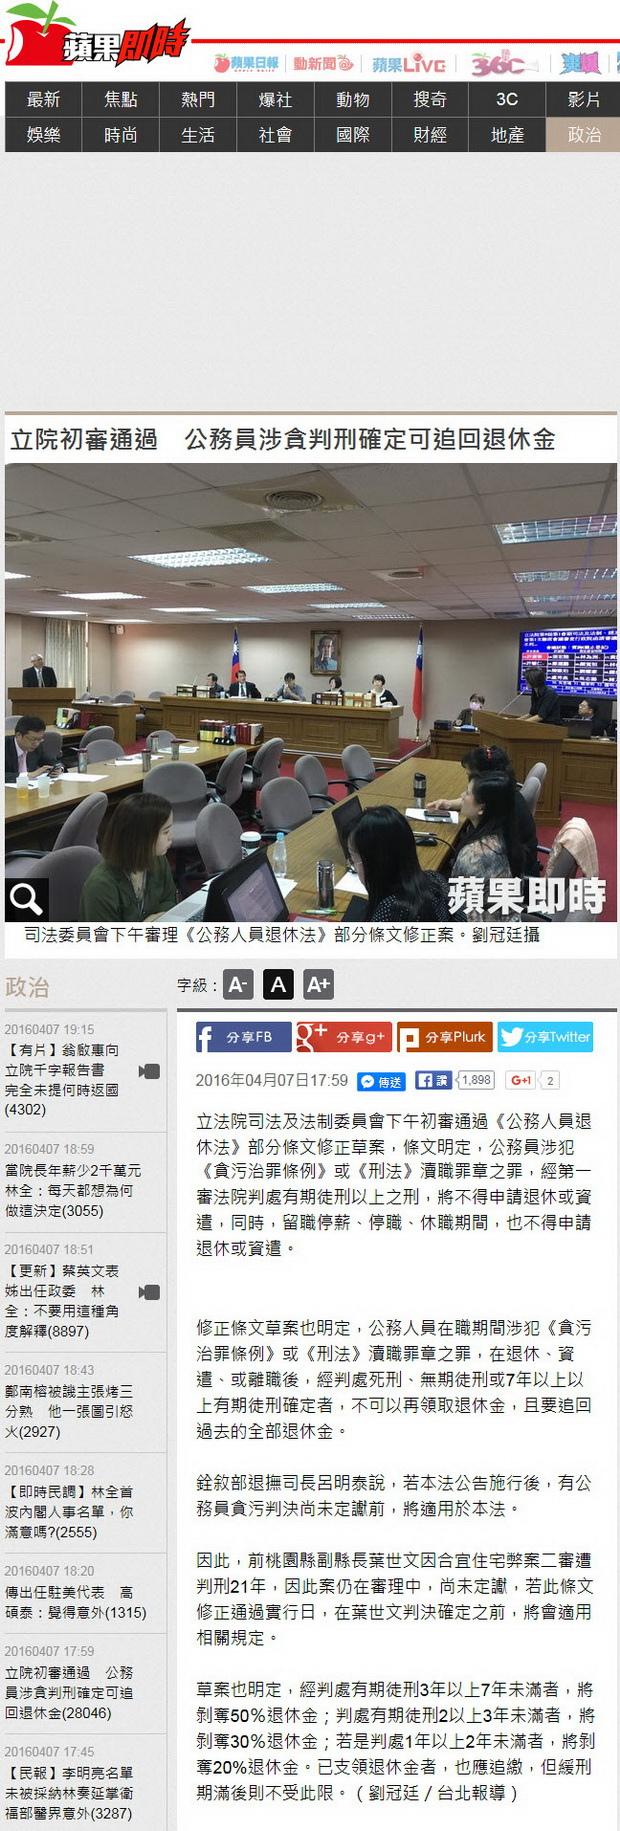 立院初審通過 公務員涉貪判刑確定可追回退休金-2016.04.07.jpg